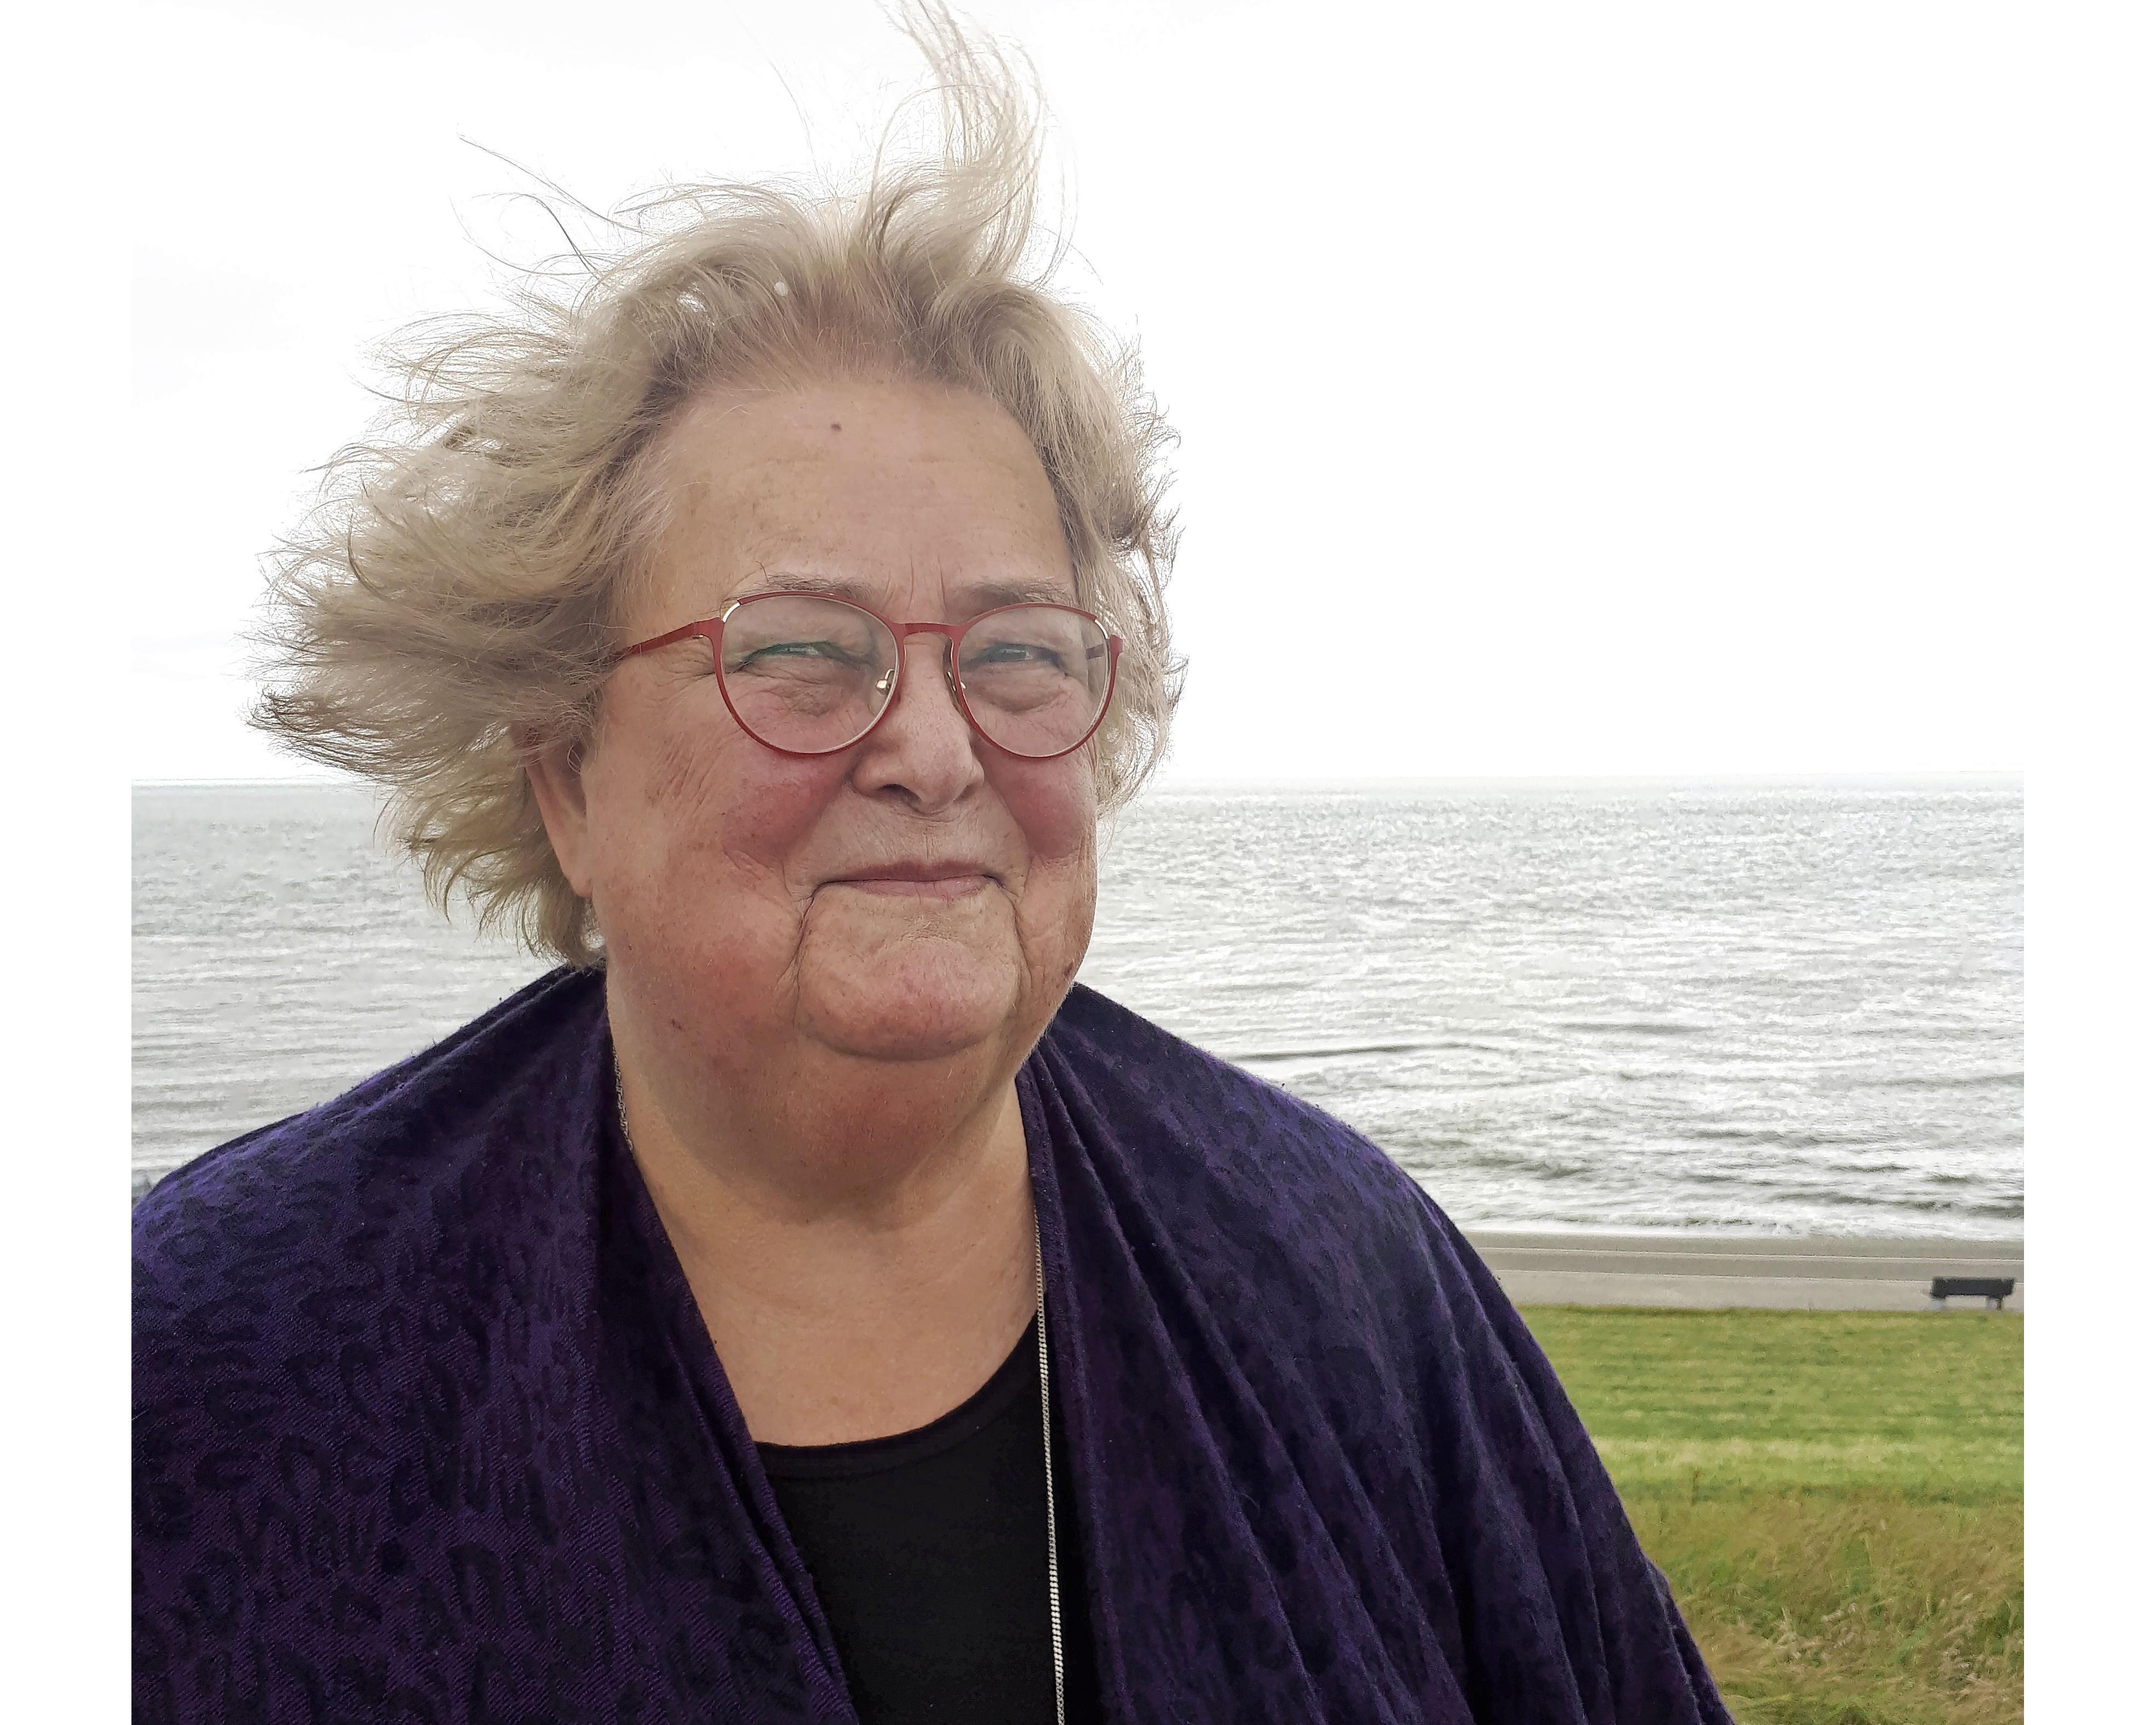 Liesbeth de Jong houdt van Den Helder en de mensen: 'Iedereen doet het hier samen'